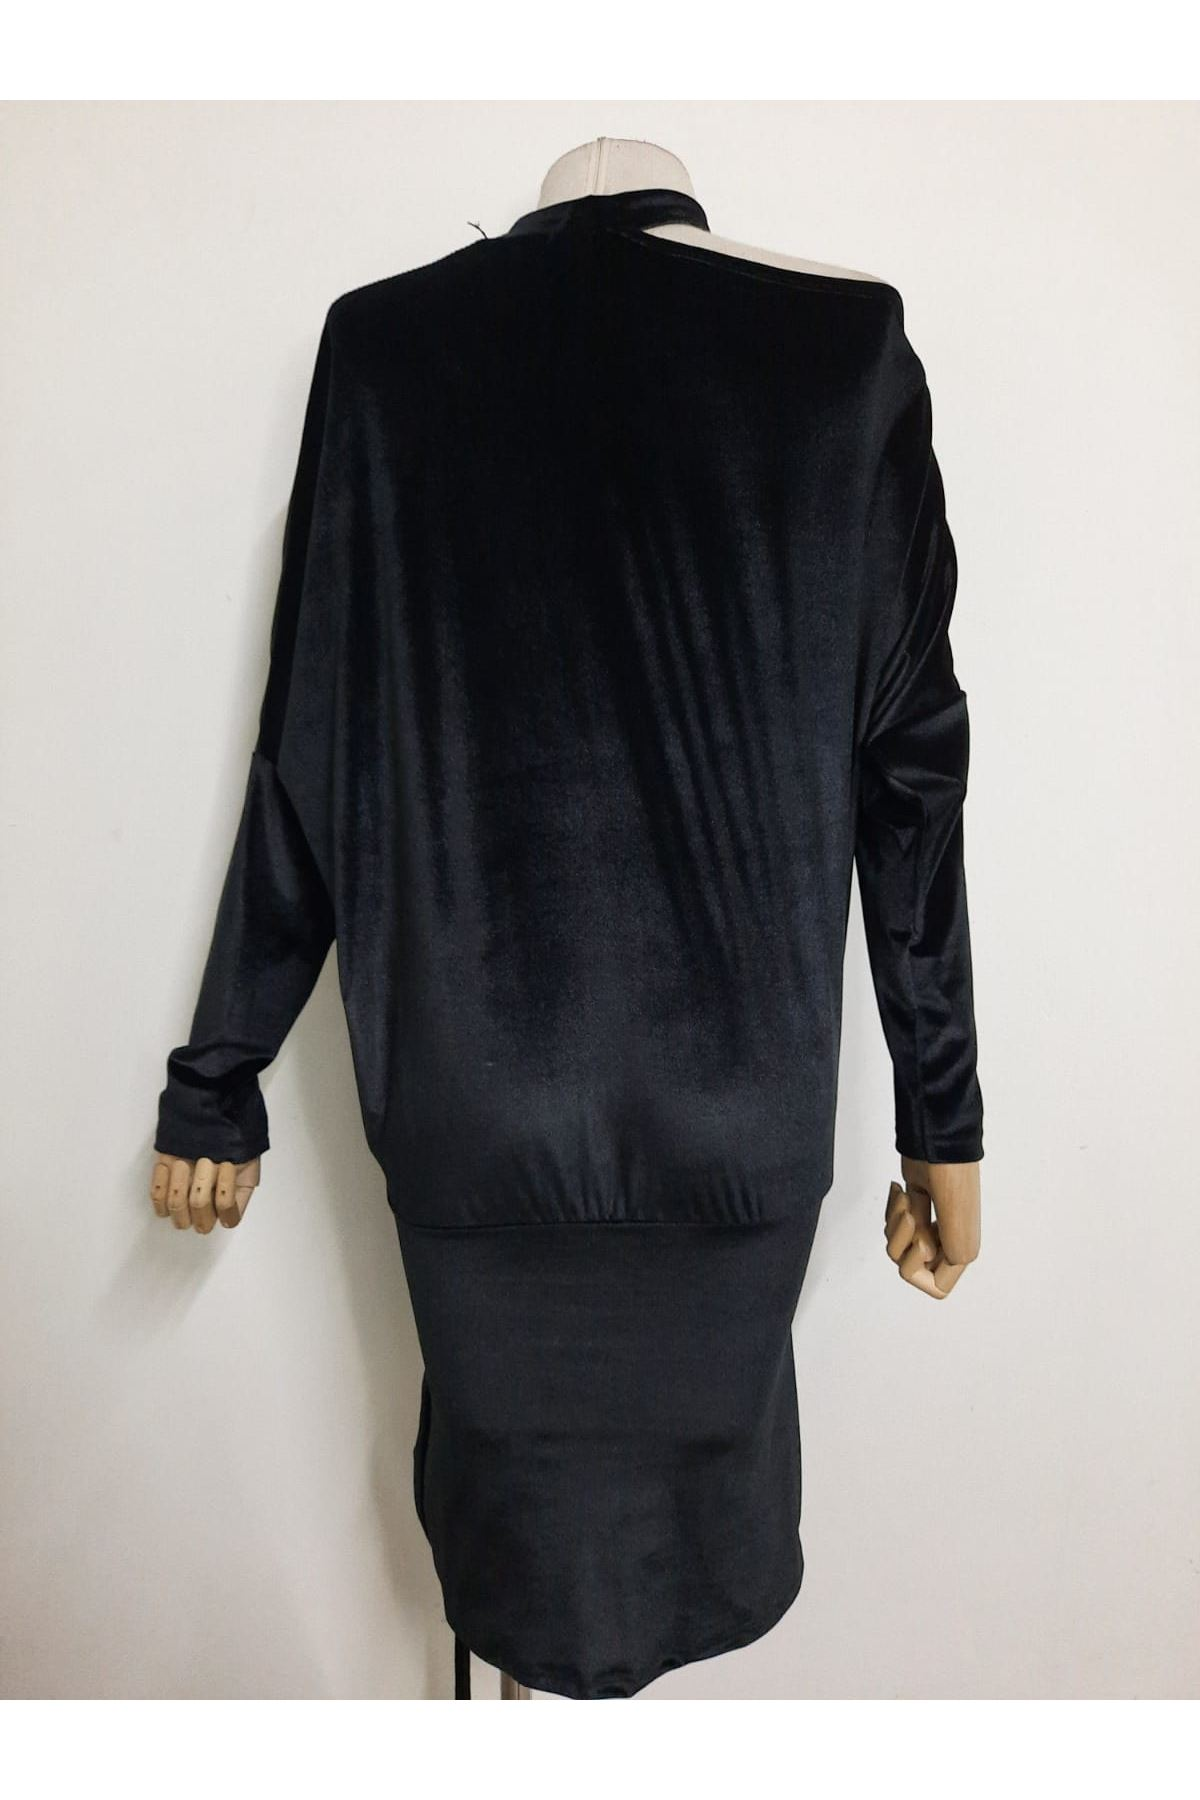 YL Nakış Detaylı Büzgülü Mini Elbise - SİYAH